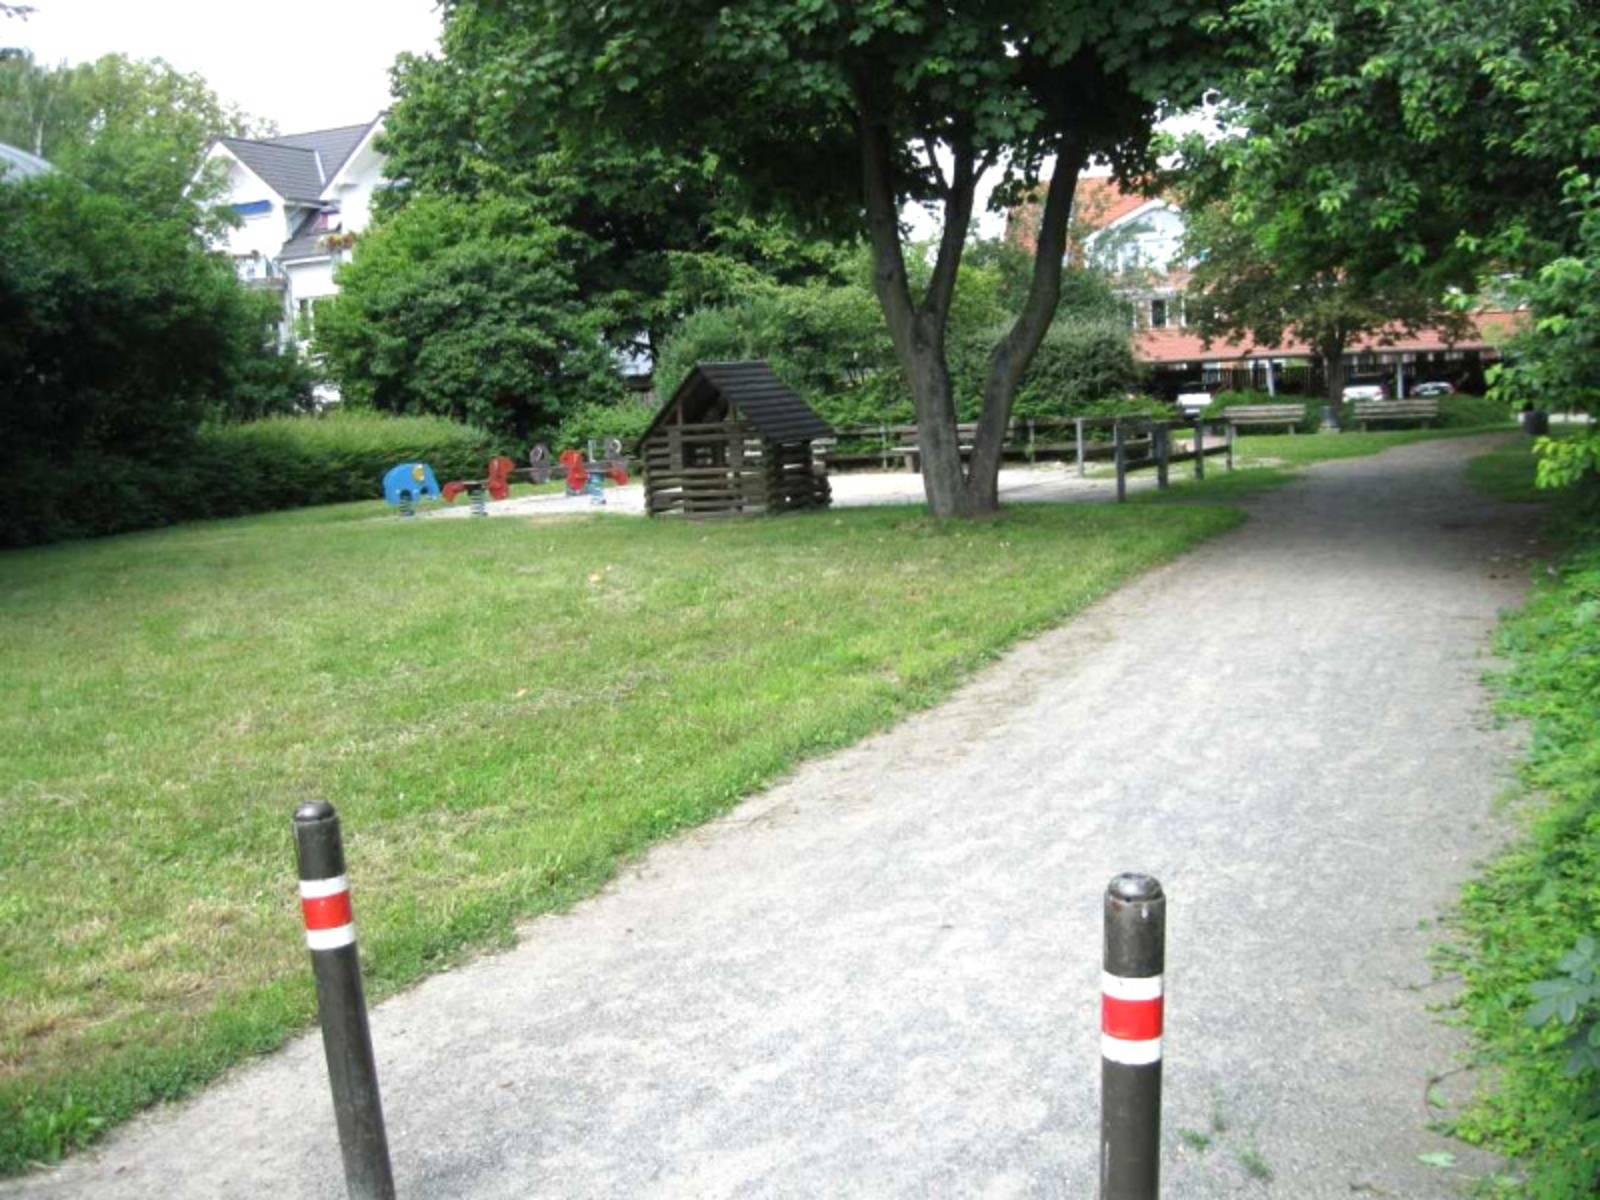 Holzhaus, Sandkasten und Wippen auf dem Spielplatz Rischweg